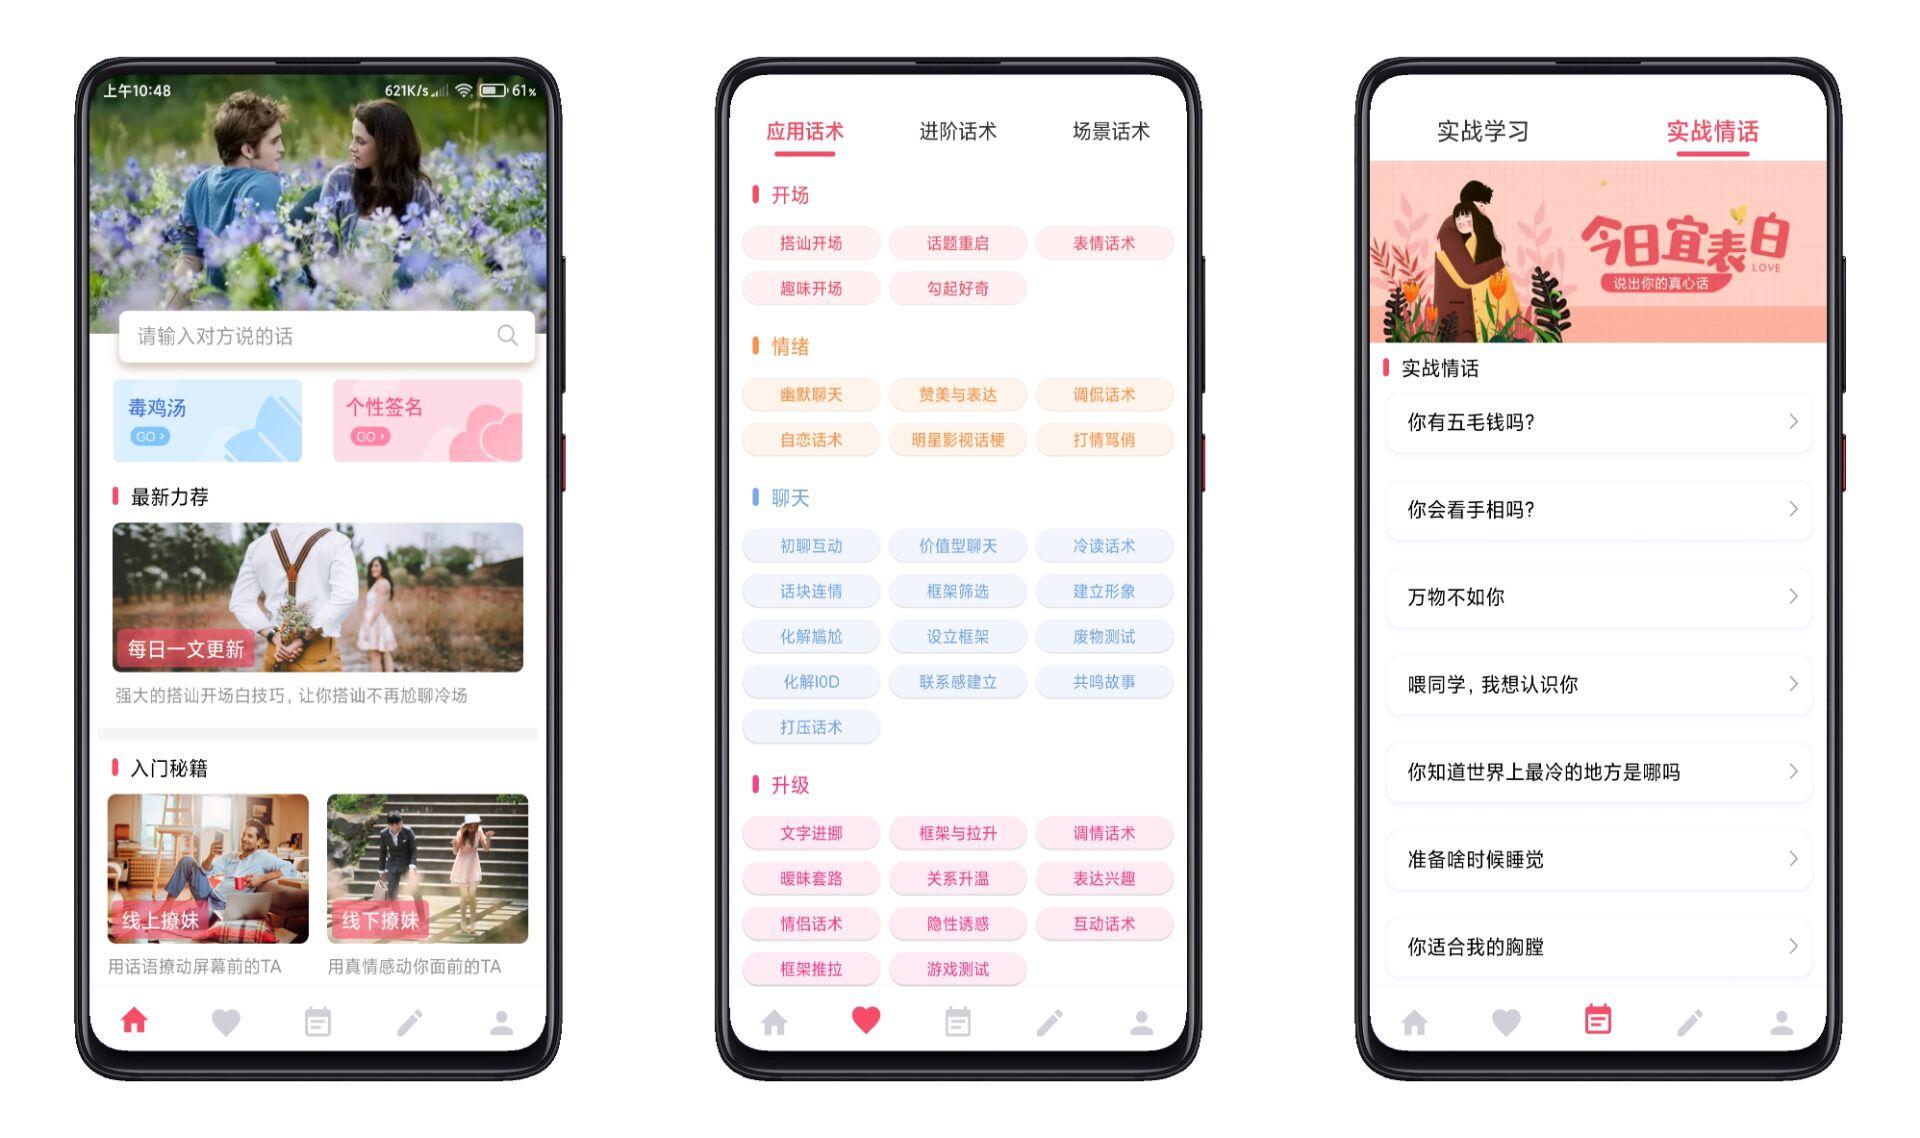 舞步恋爱话术V3.9.0解锁版